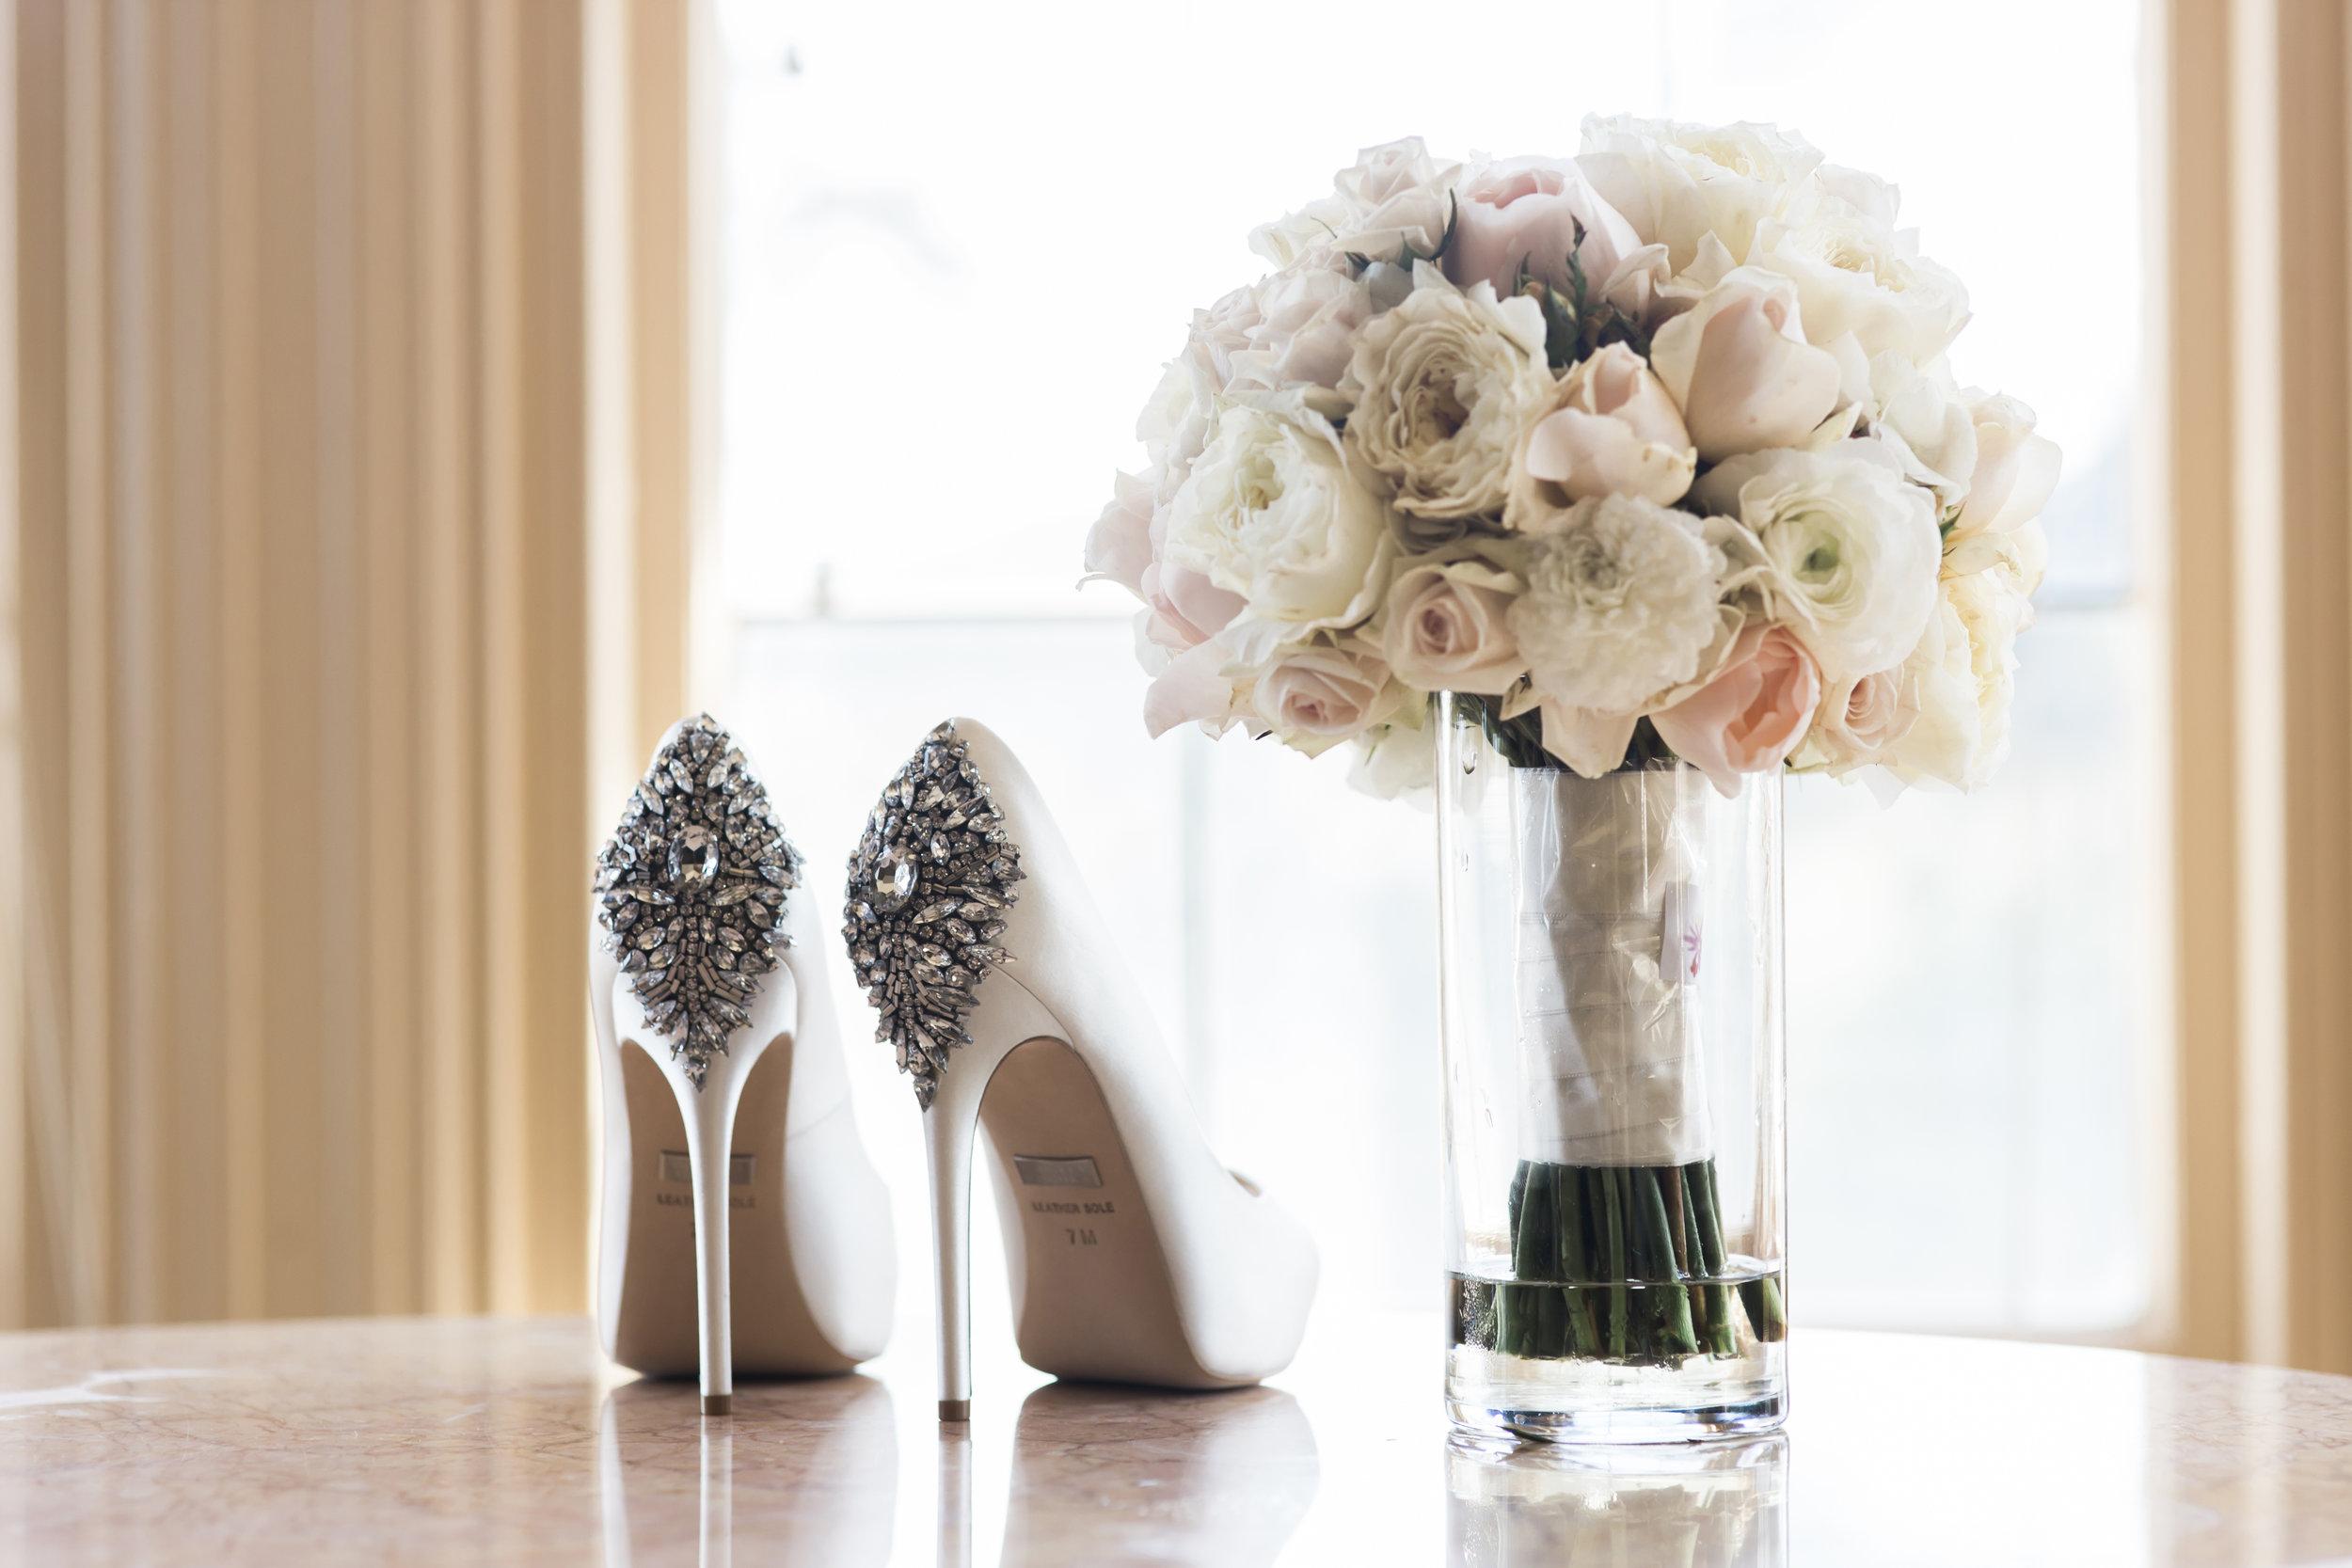 carien-will-wedding-20-(ZF-2465-09696-1-005).jpg